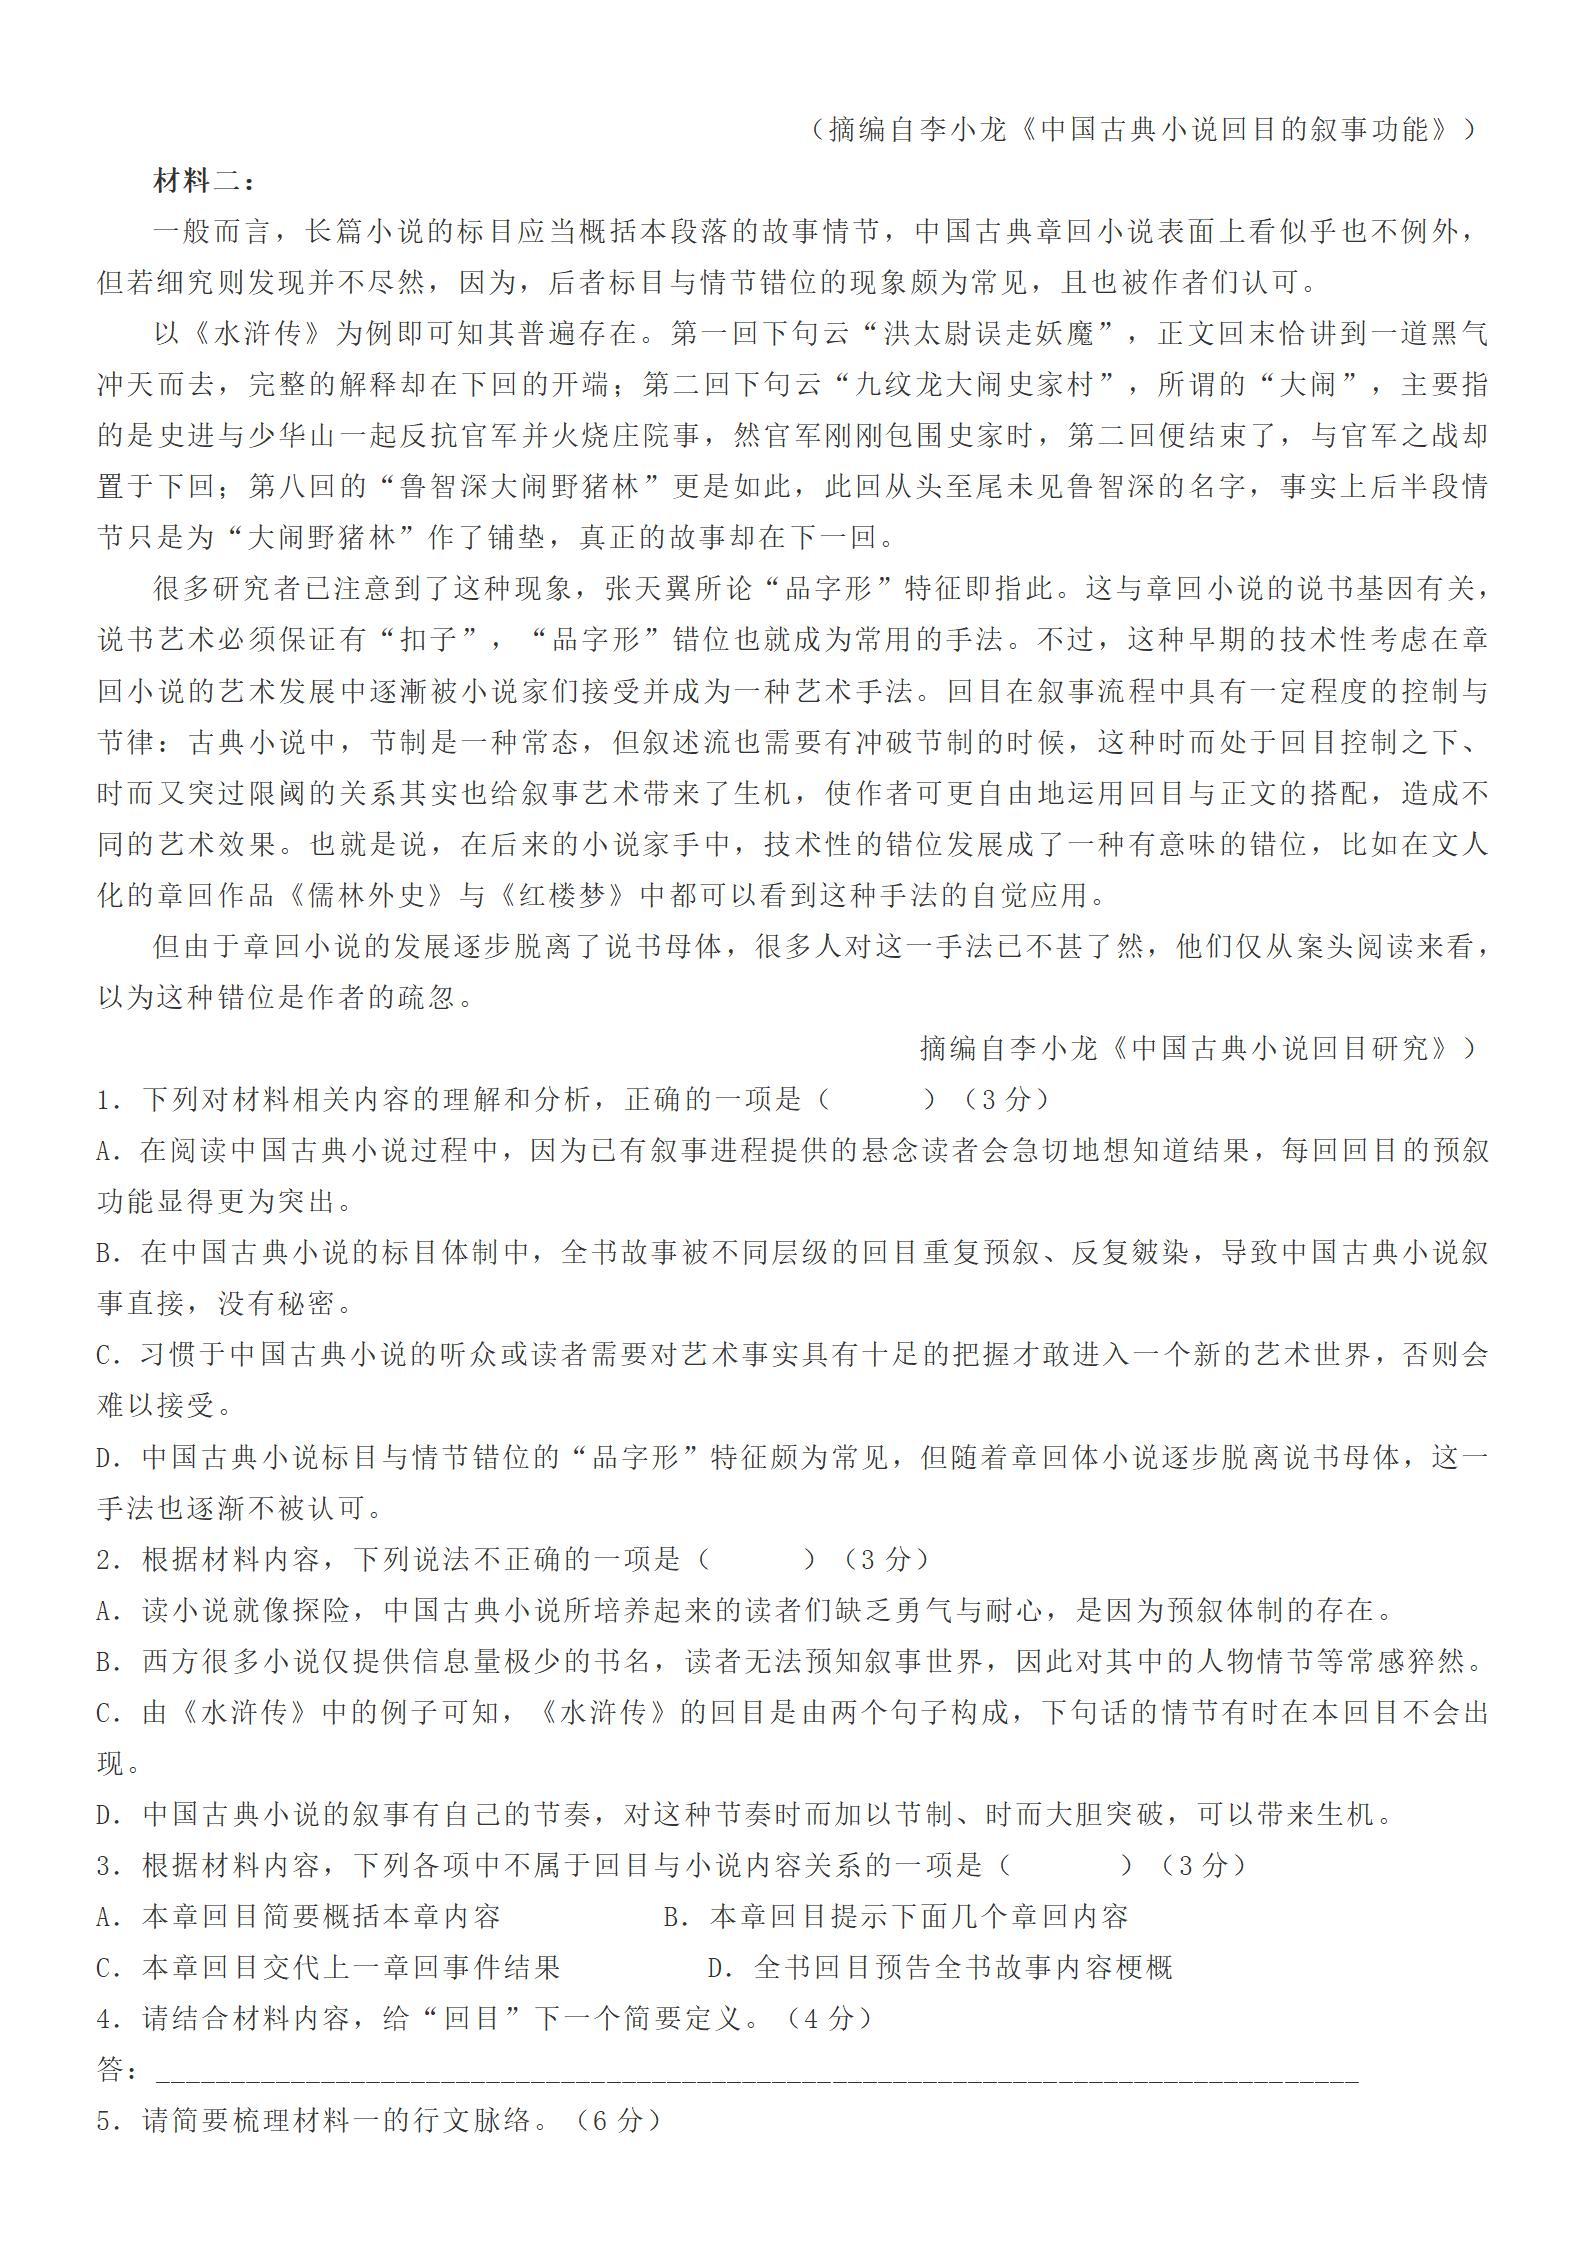 河南省2021届高三下学期阶段性检测(四)语文试题及答案图2